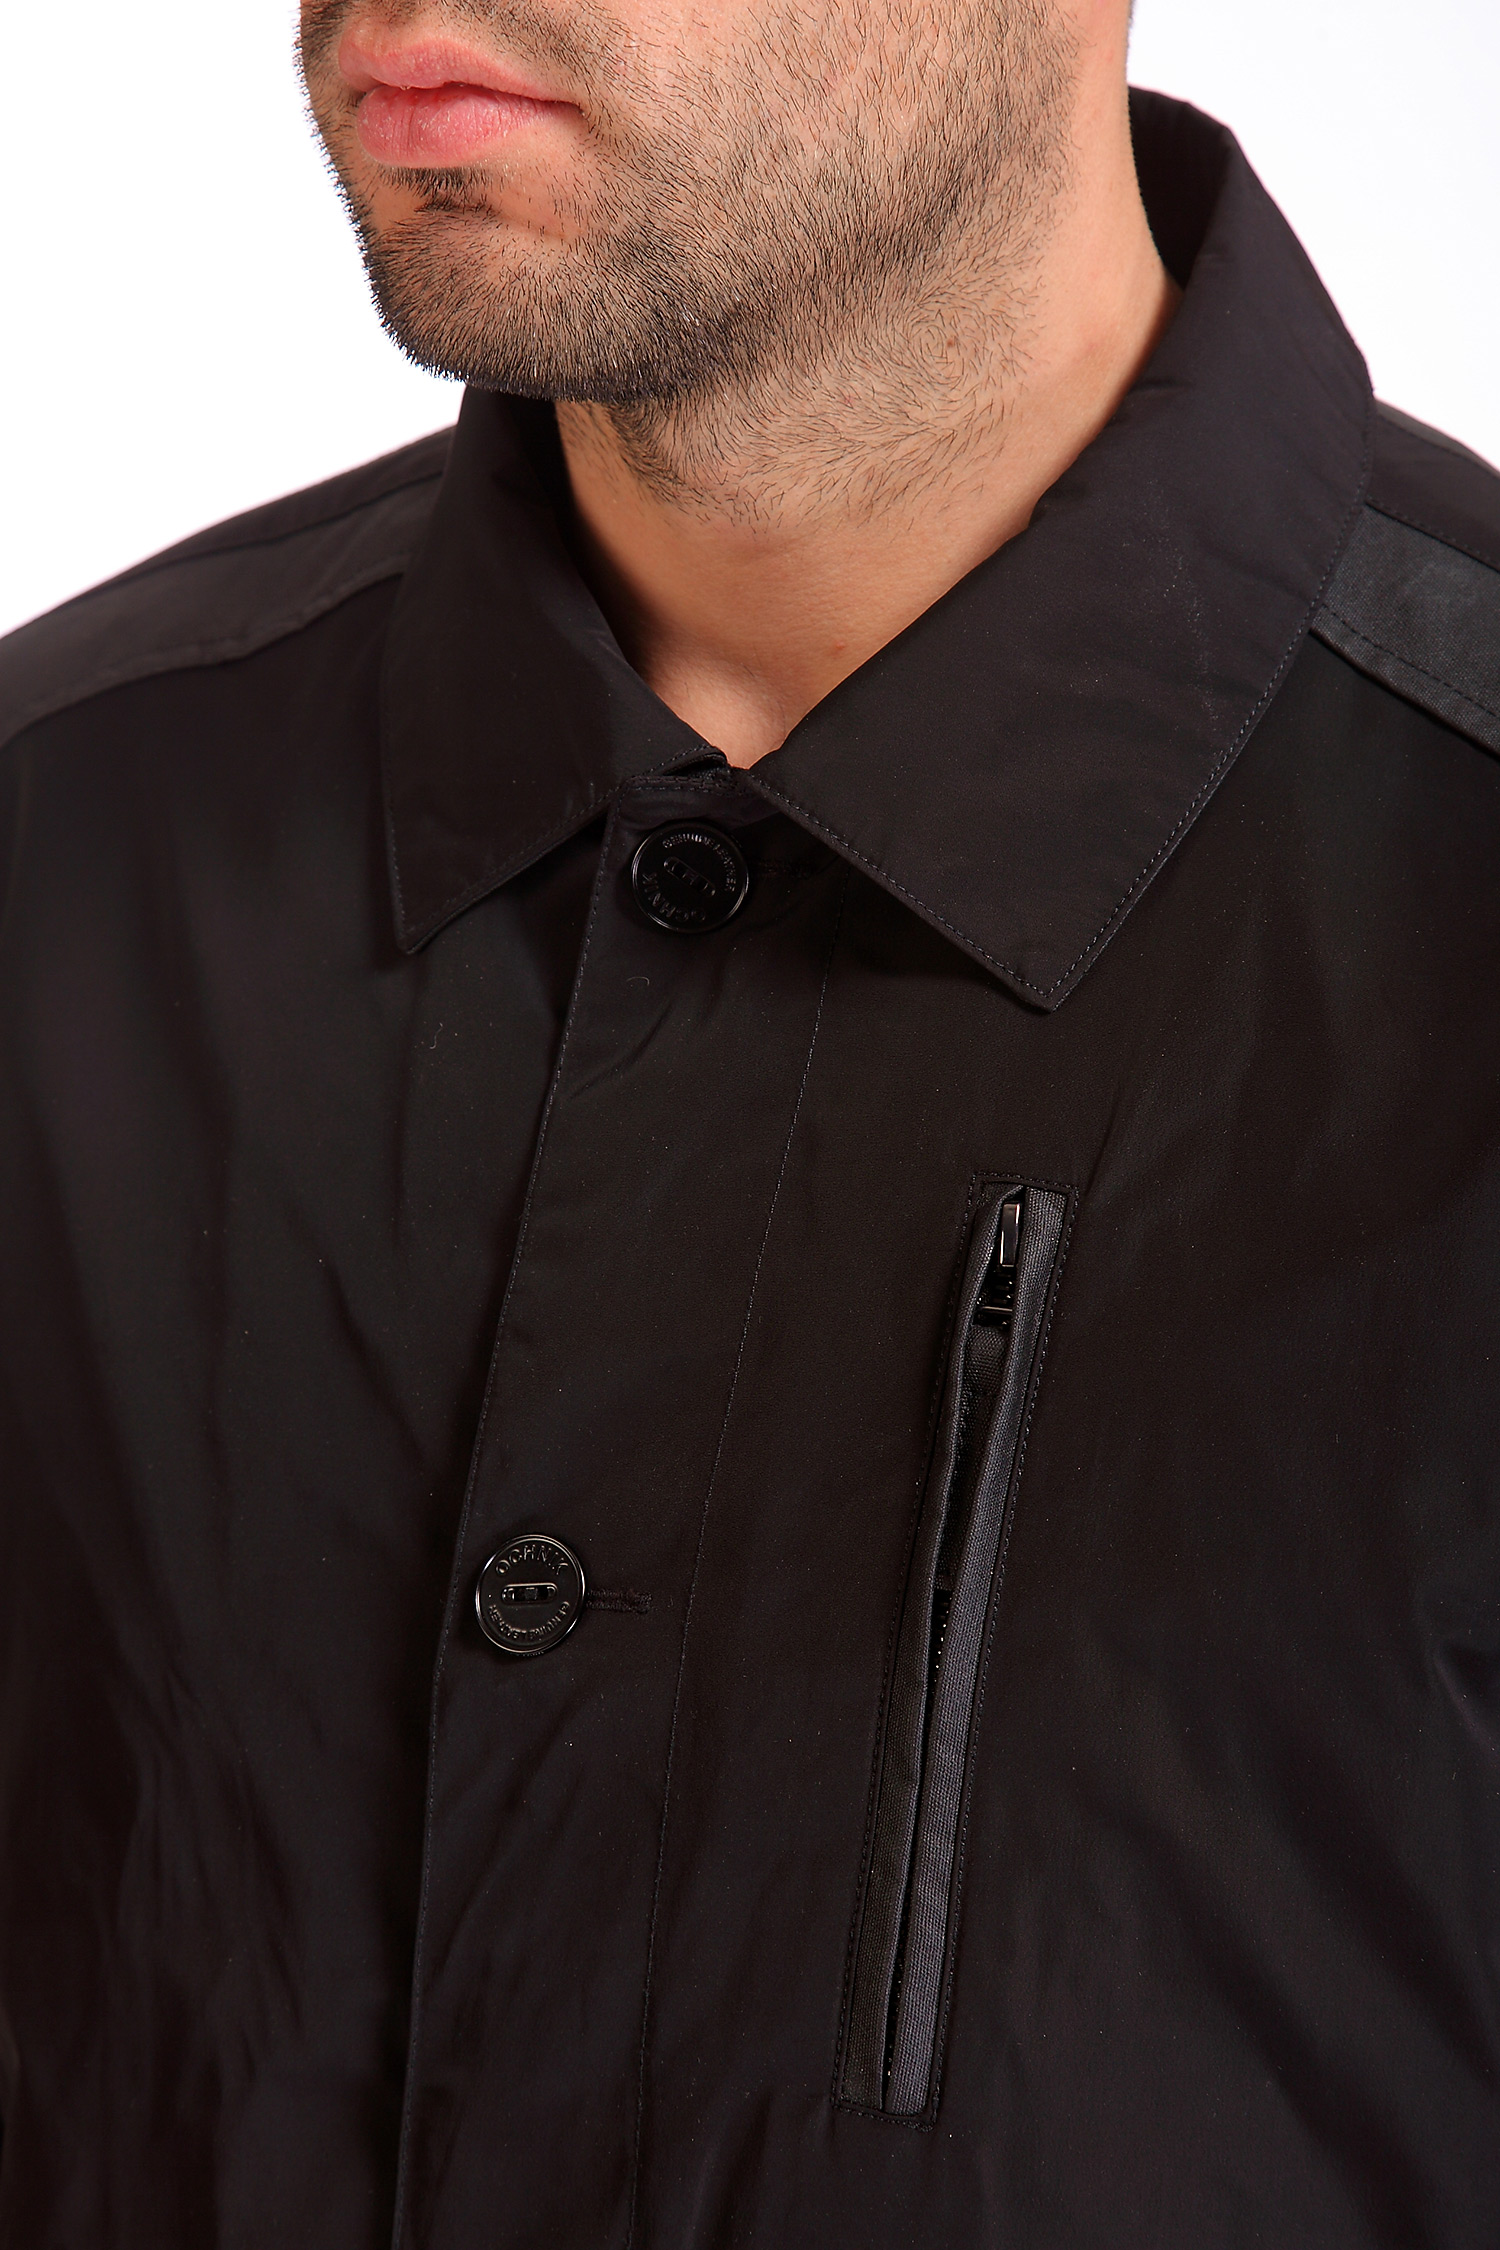 Фото 7 - Мужская куртка из текстиля с воротником, отделка искусственная кожа от МОСМЕХА черного цвета